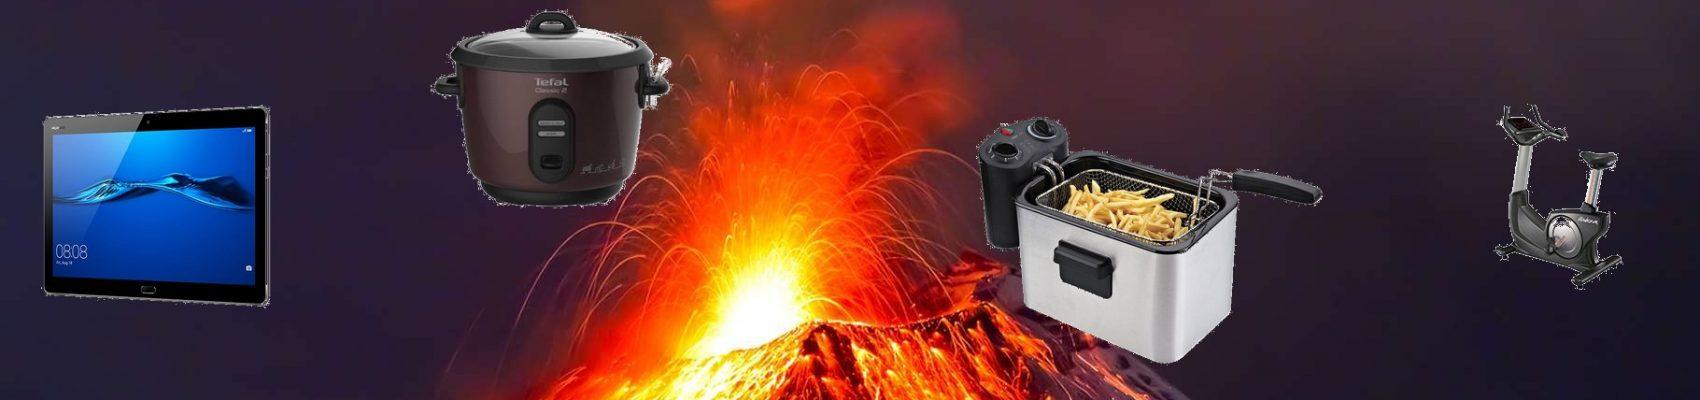 Images de Volcans